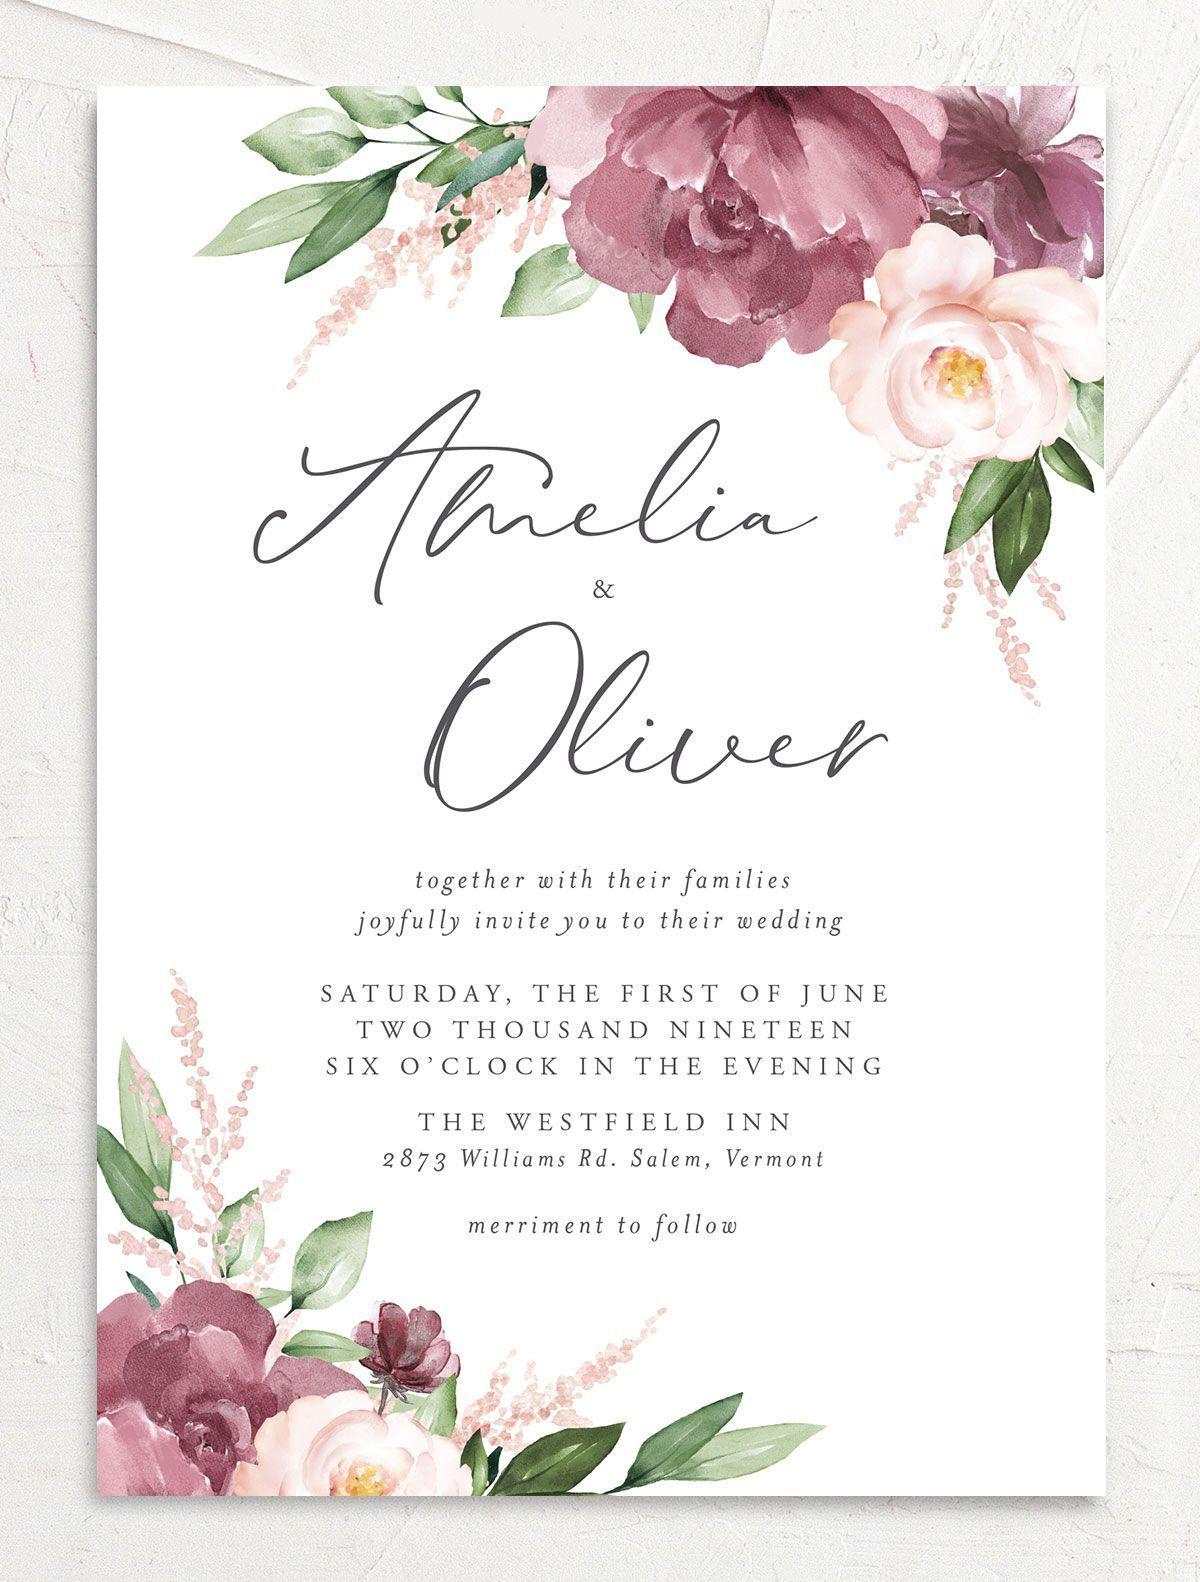 Beloved Floral Blush And Mauve Wedding Invitations Mauve Wedding Invitations Floral Wedding Invitations Fall Wedding Invitations